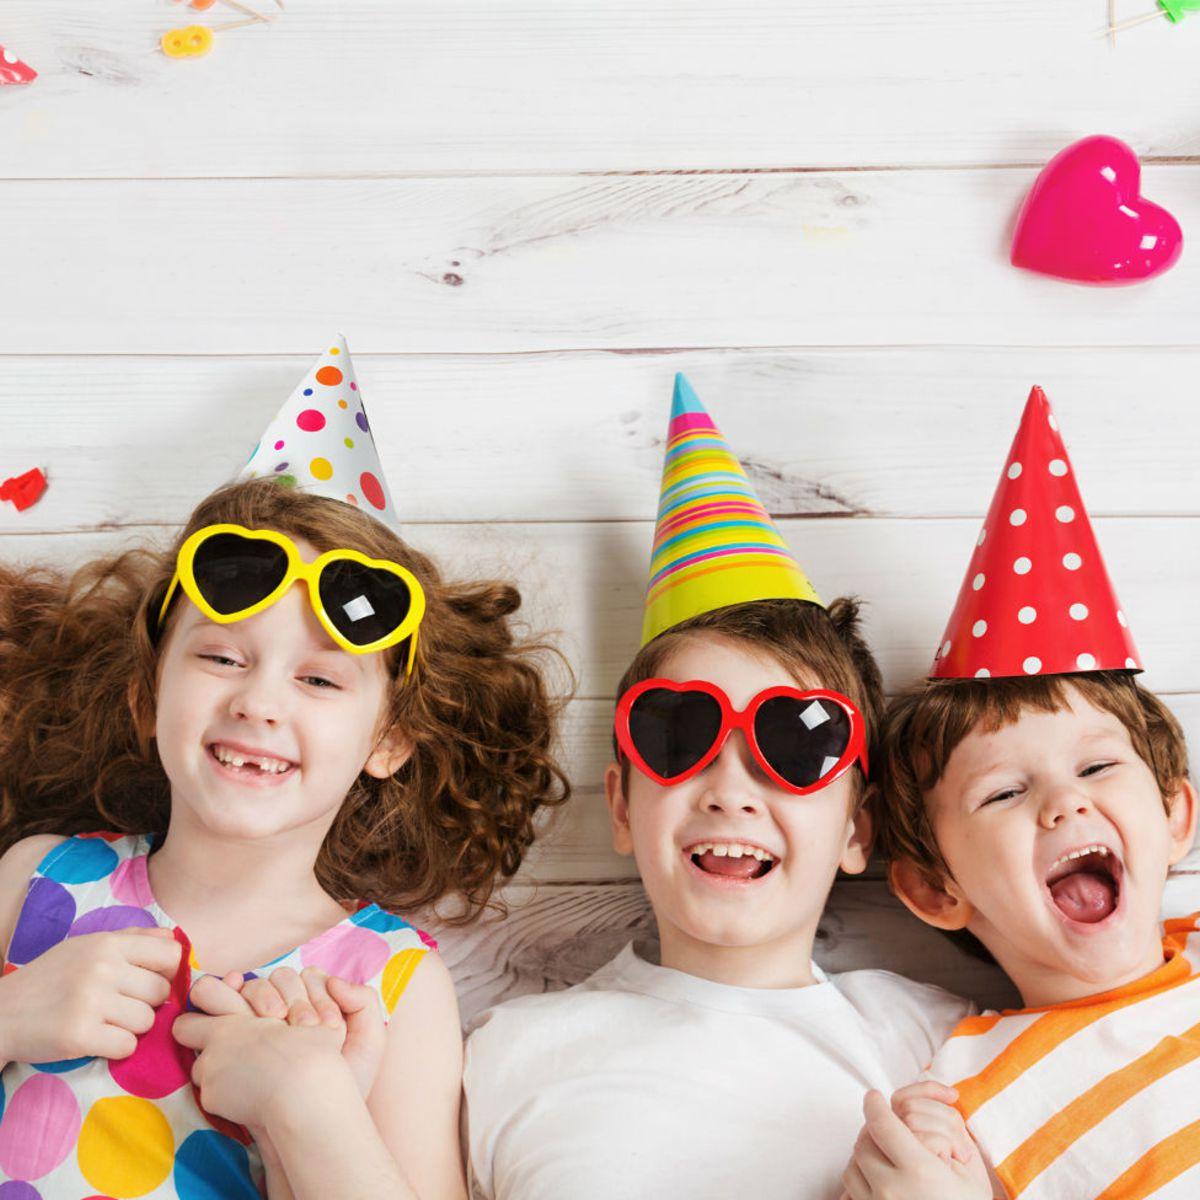 10 Idées De Jeux Pour Organiser L'anniversaire De Mon Enfant concernant Jeux Sportifs 6 12 Ans